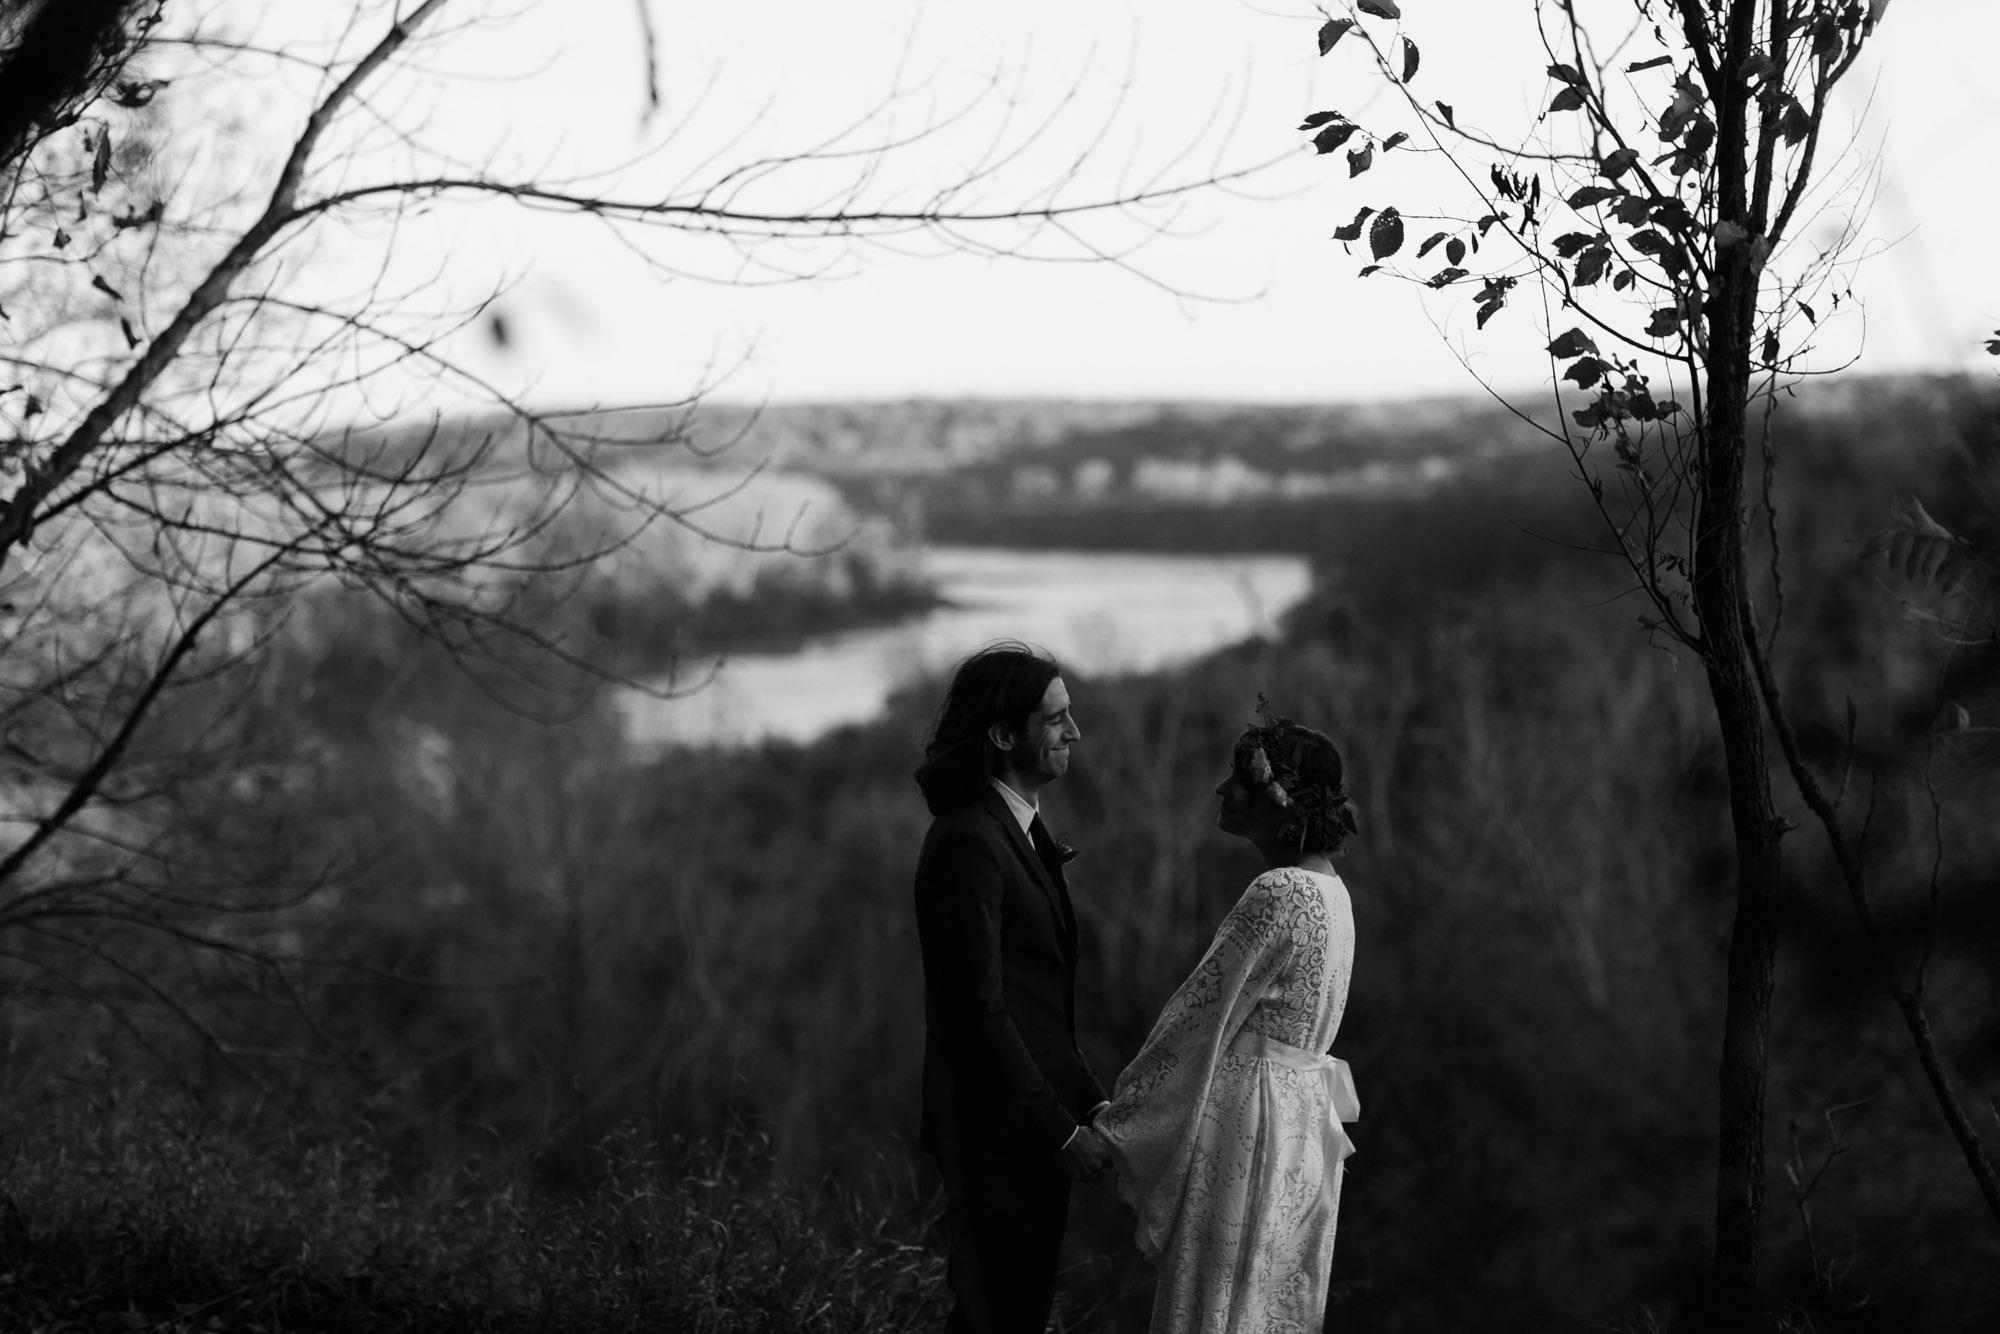 omaha-elopement-photographer-38.jpg